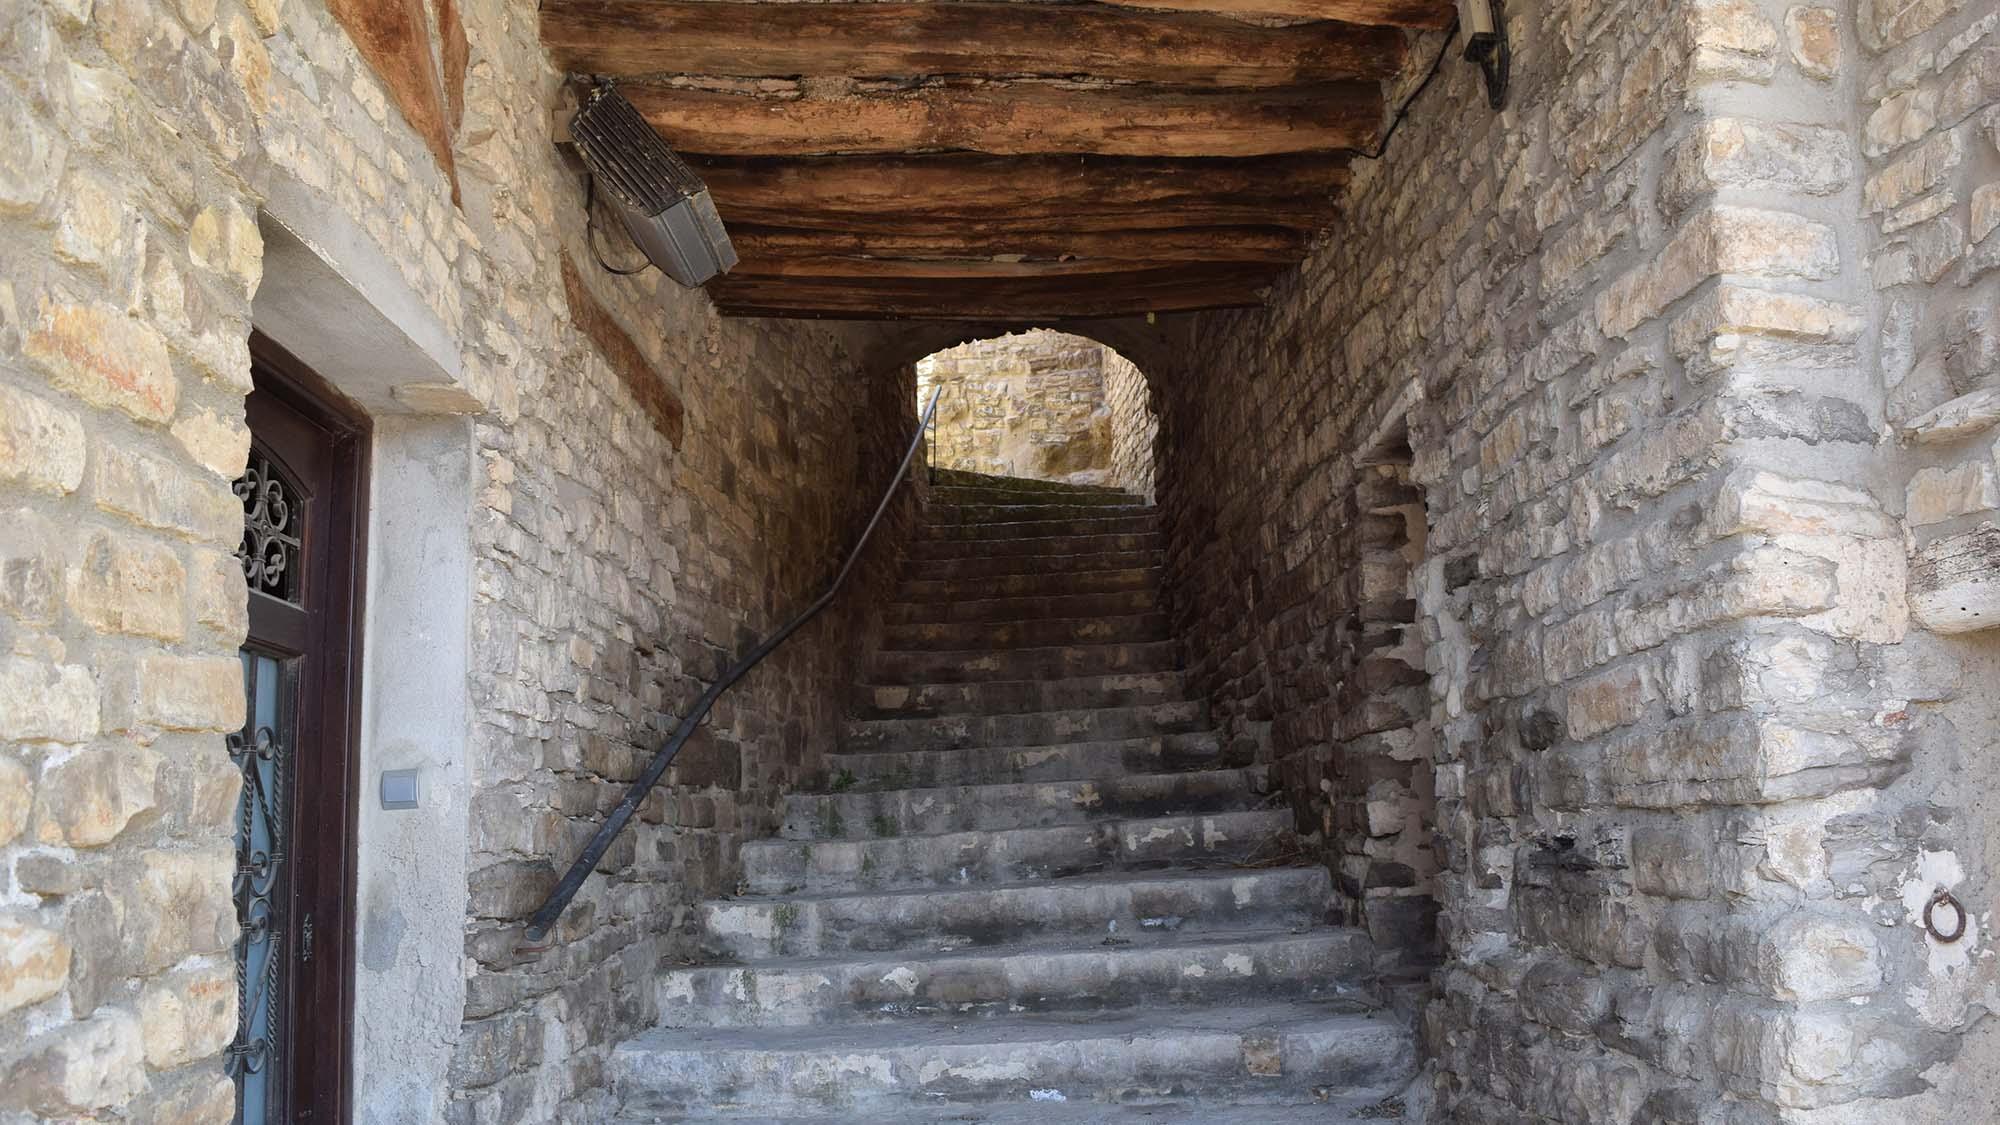 Espace Portal de Cal Marcé Vell